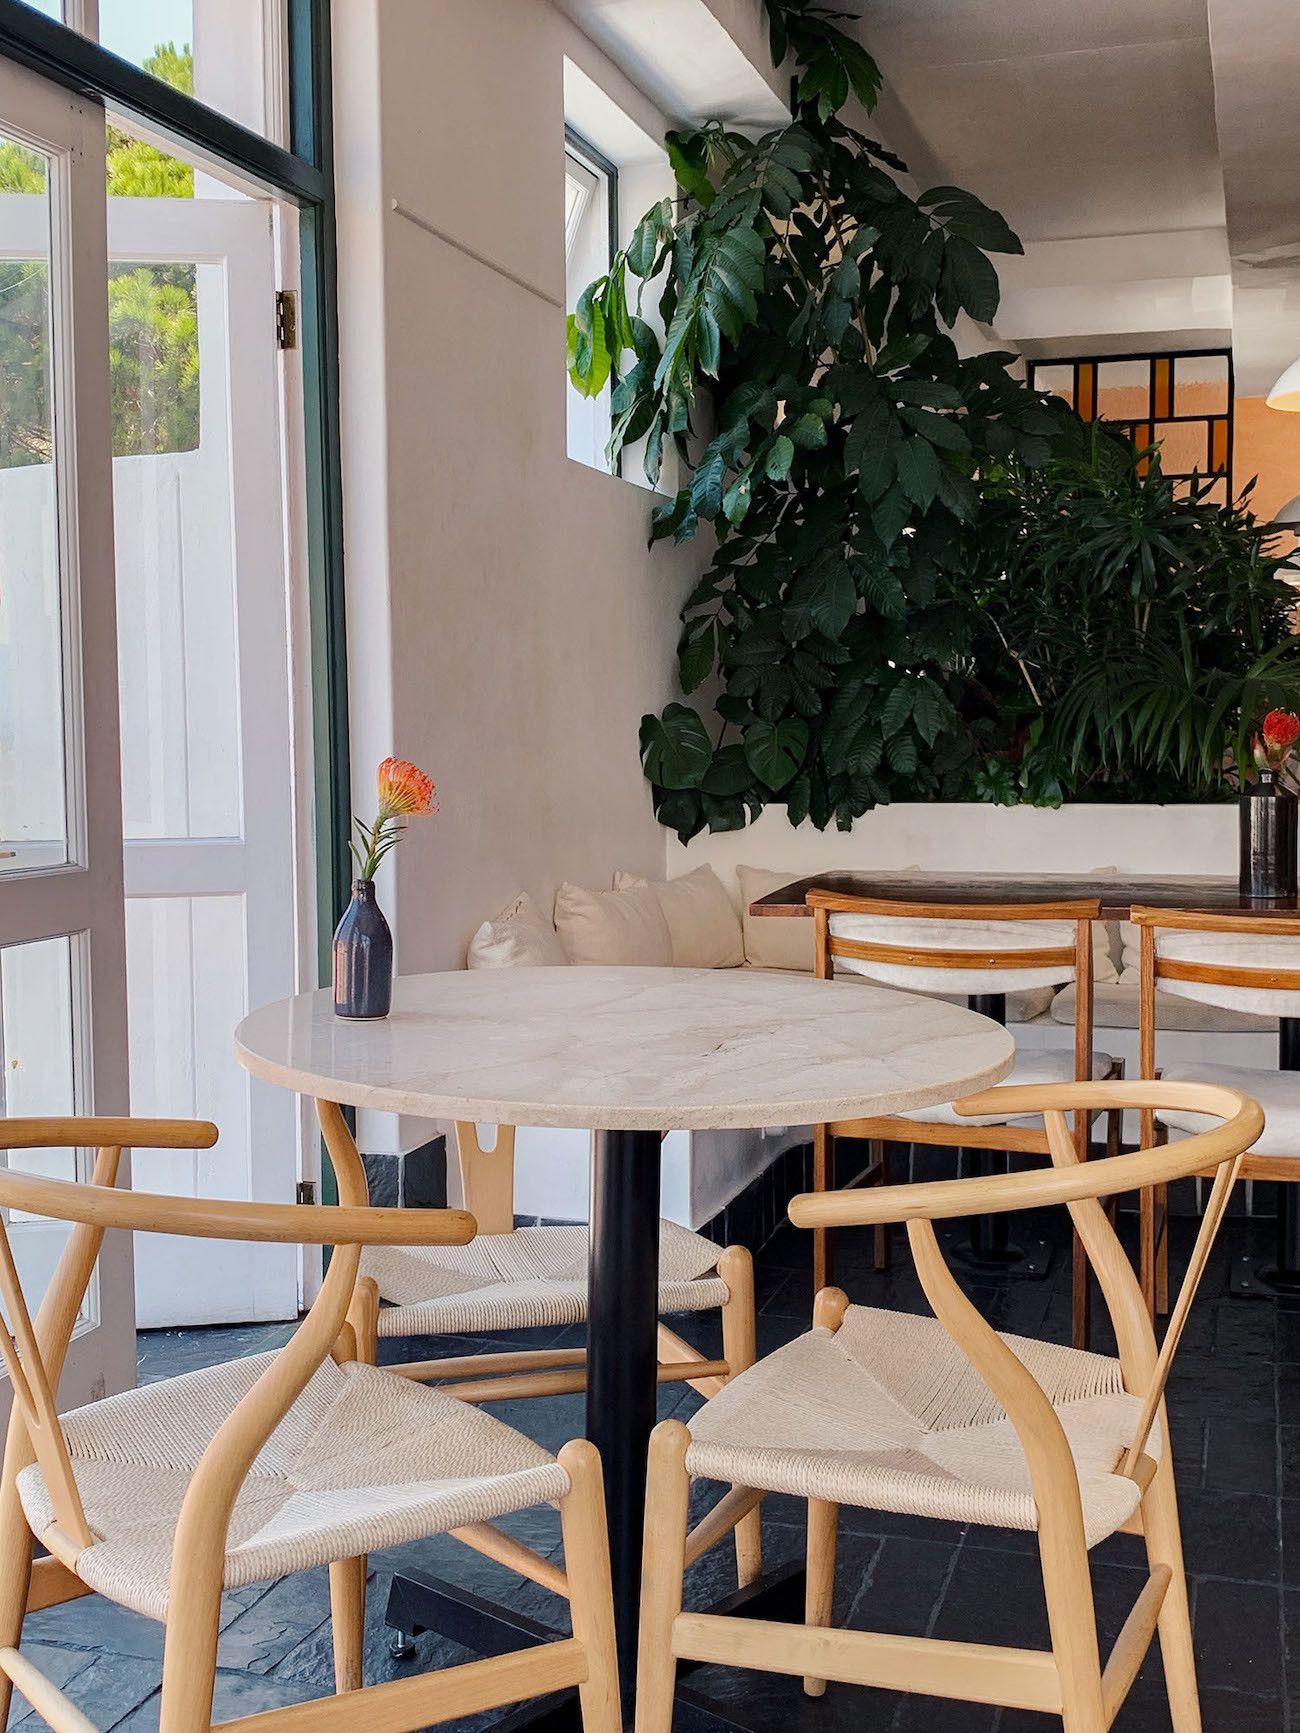 Frühstücks-und-Brunch-Guide-für-Kapstadt-Harvest-Cafe-Interieur.